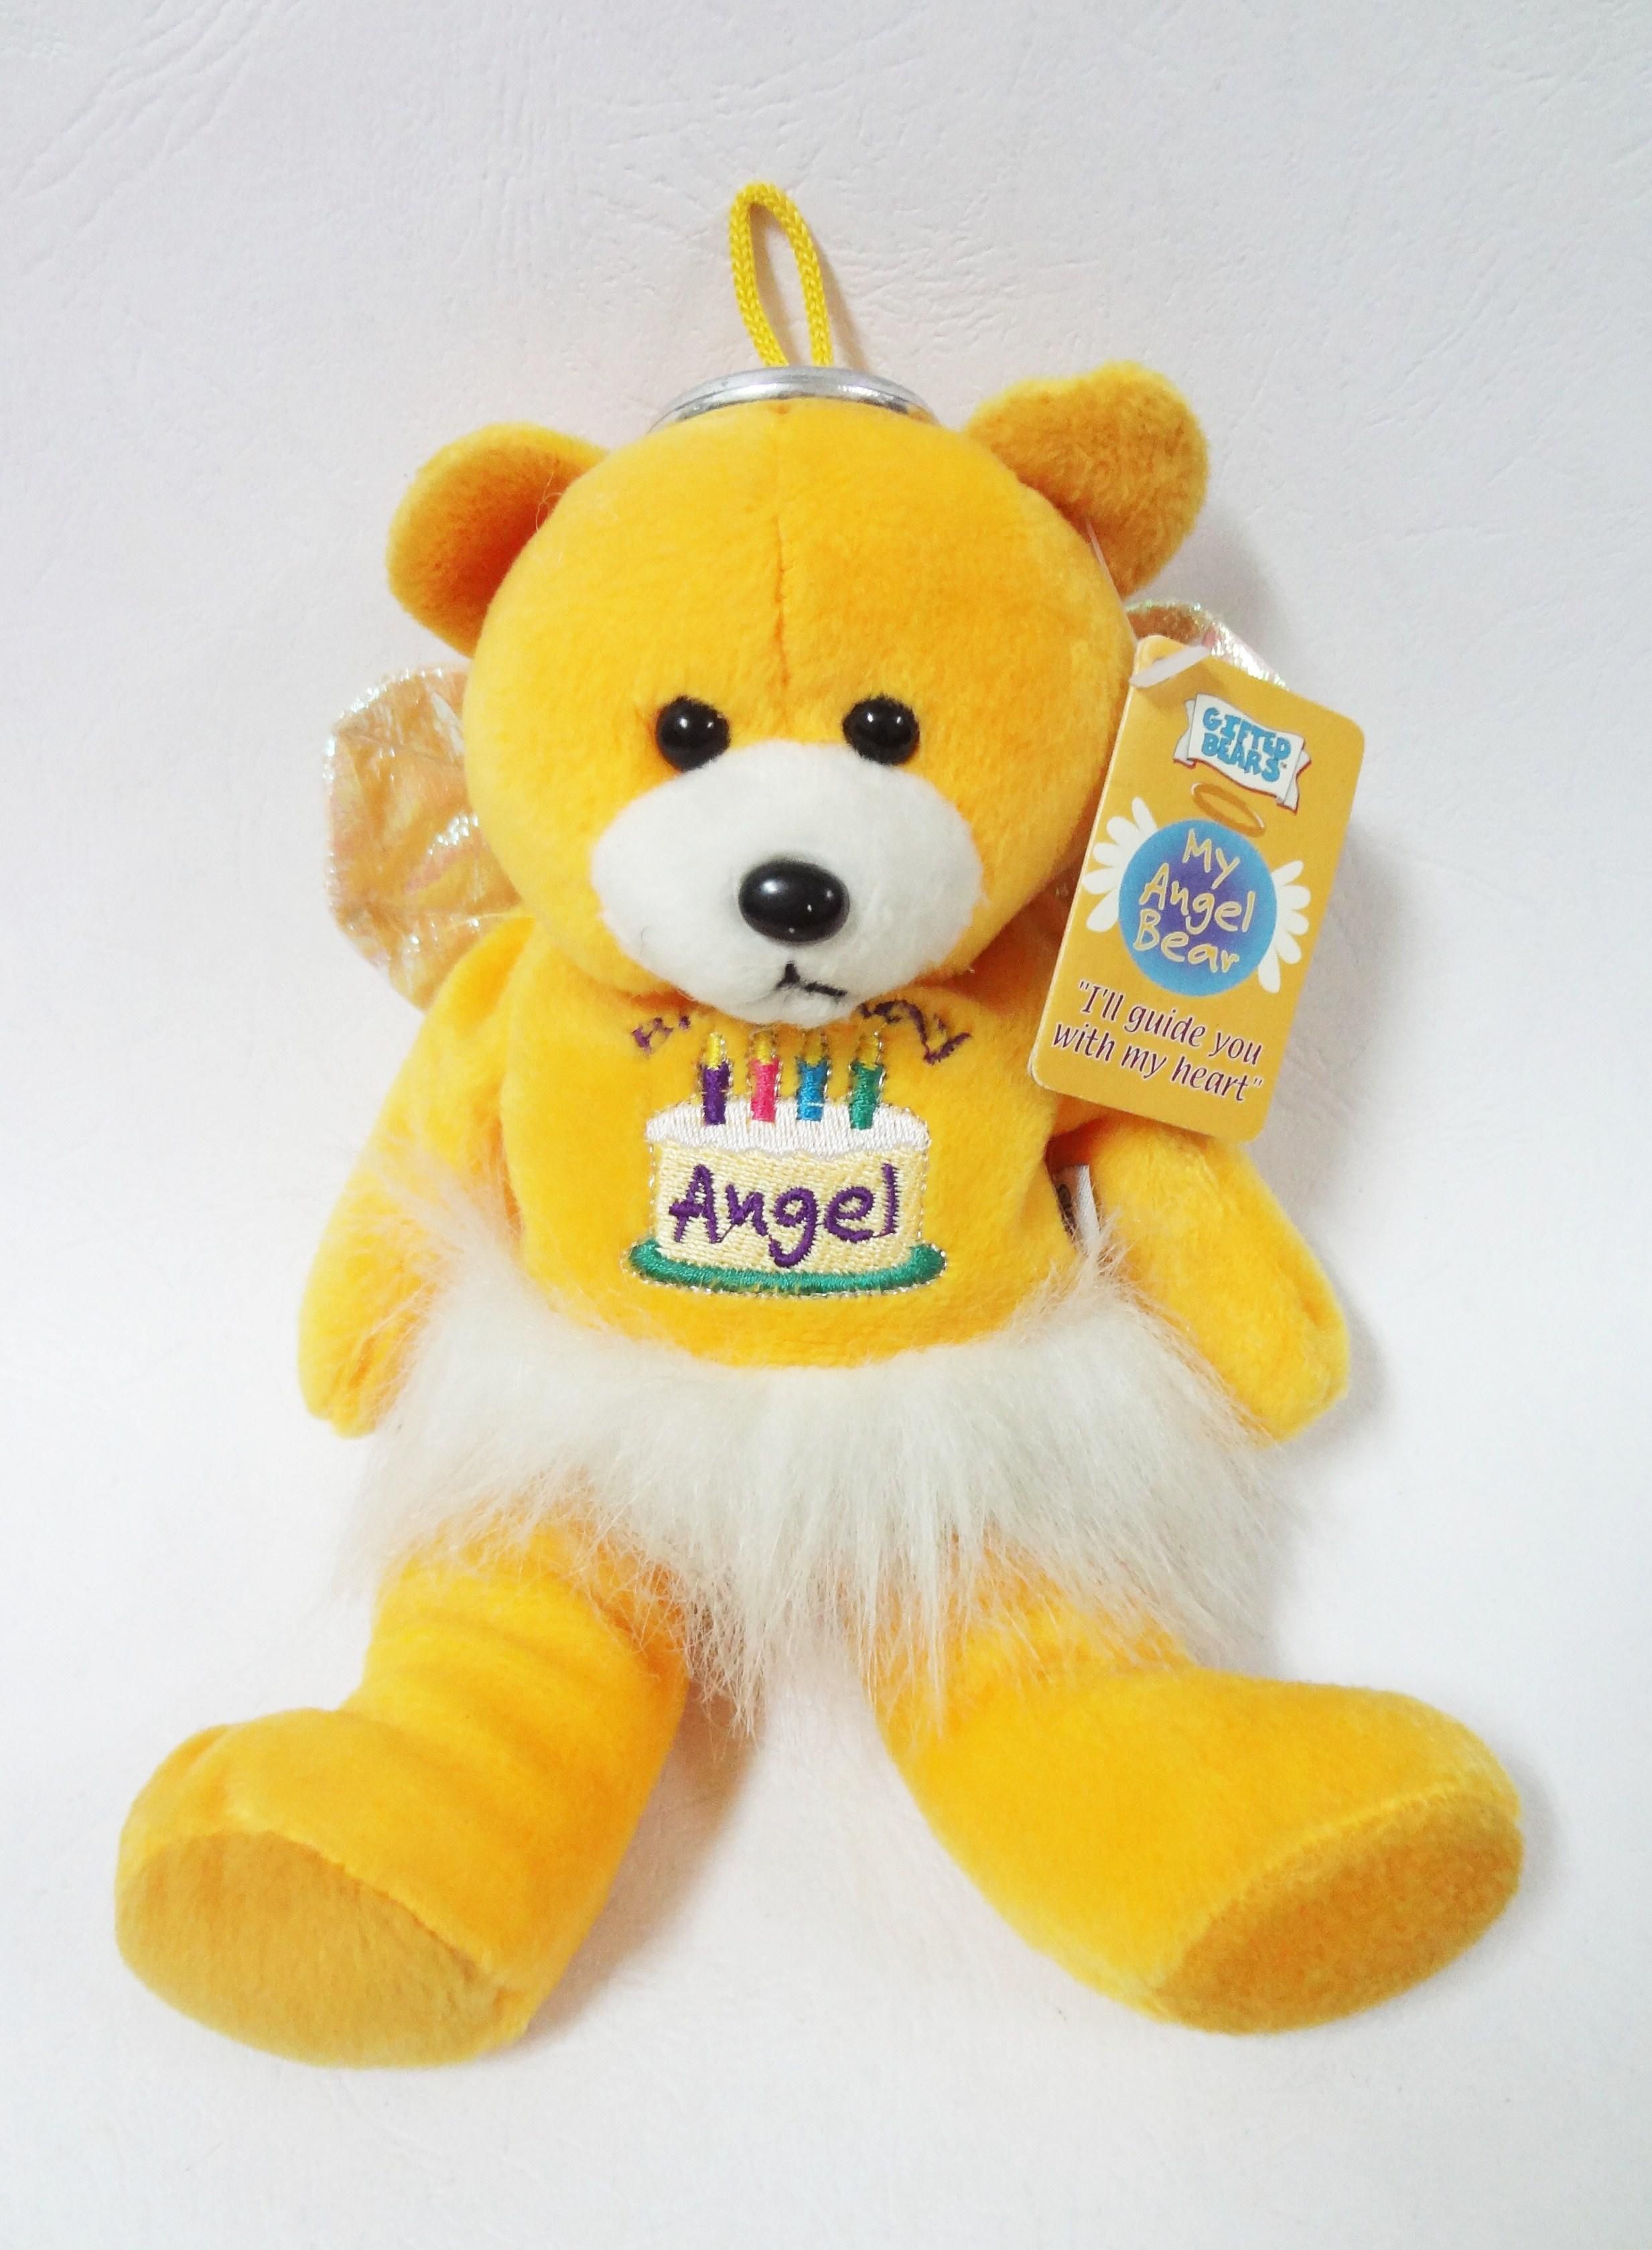 ตุ๊กตา Angel - My Angel Bear